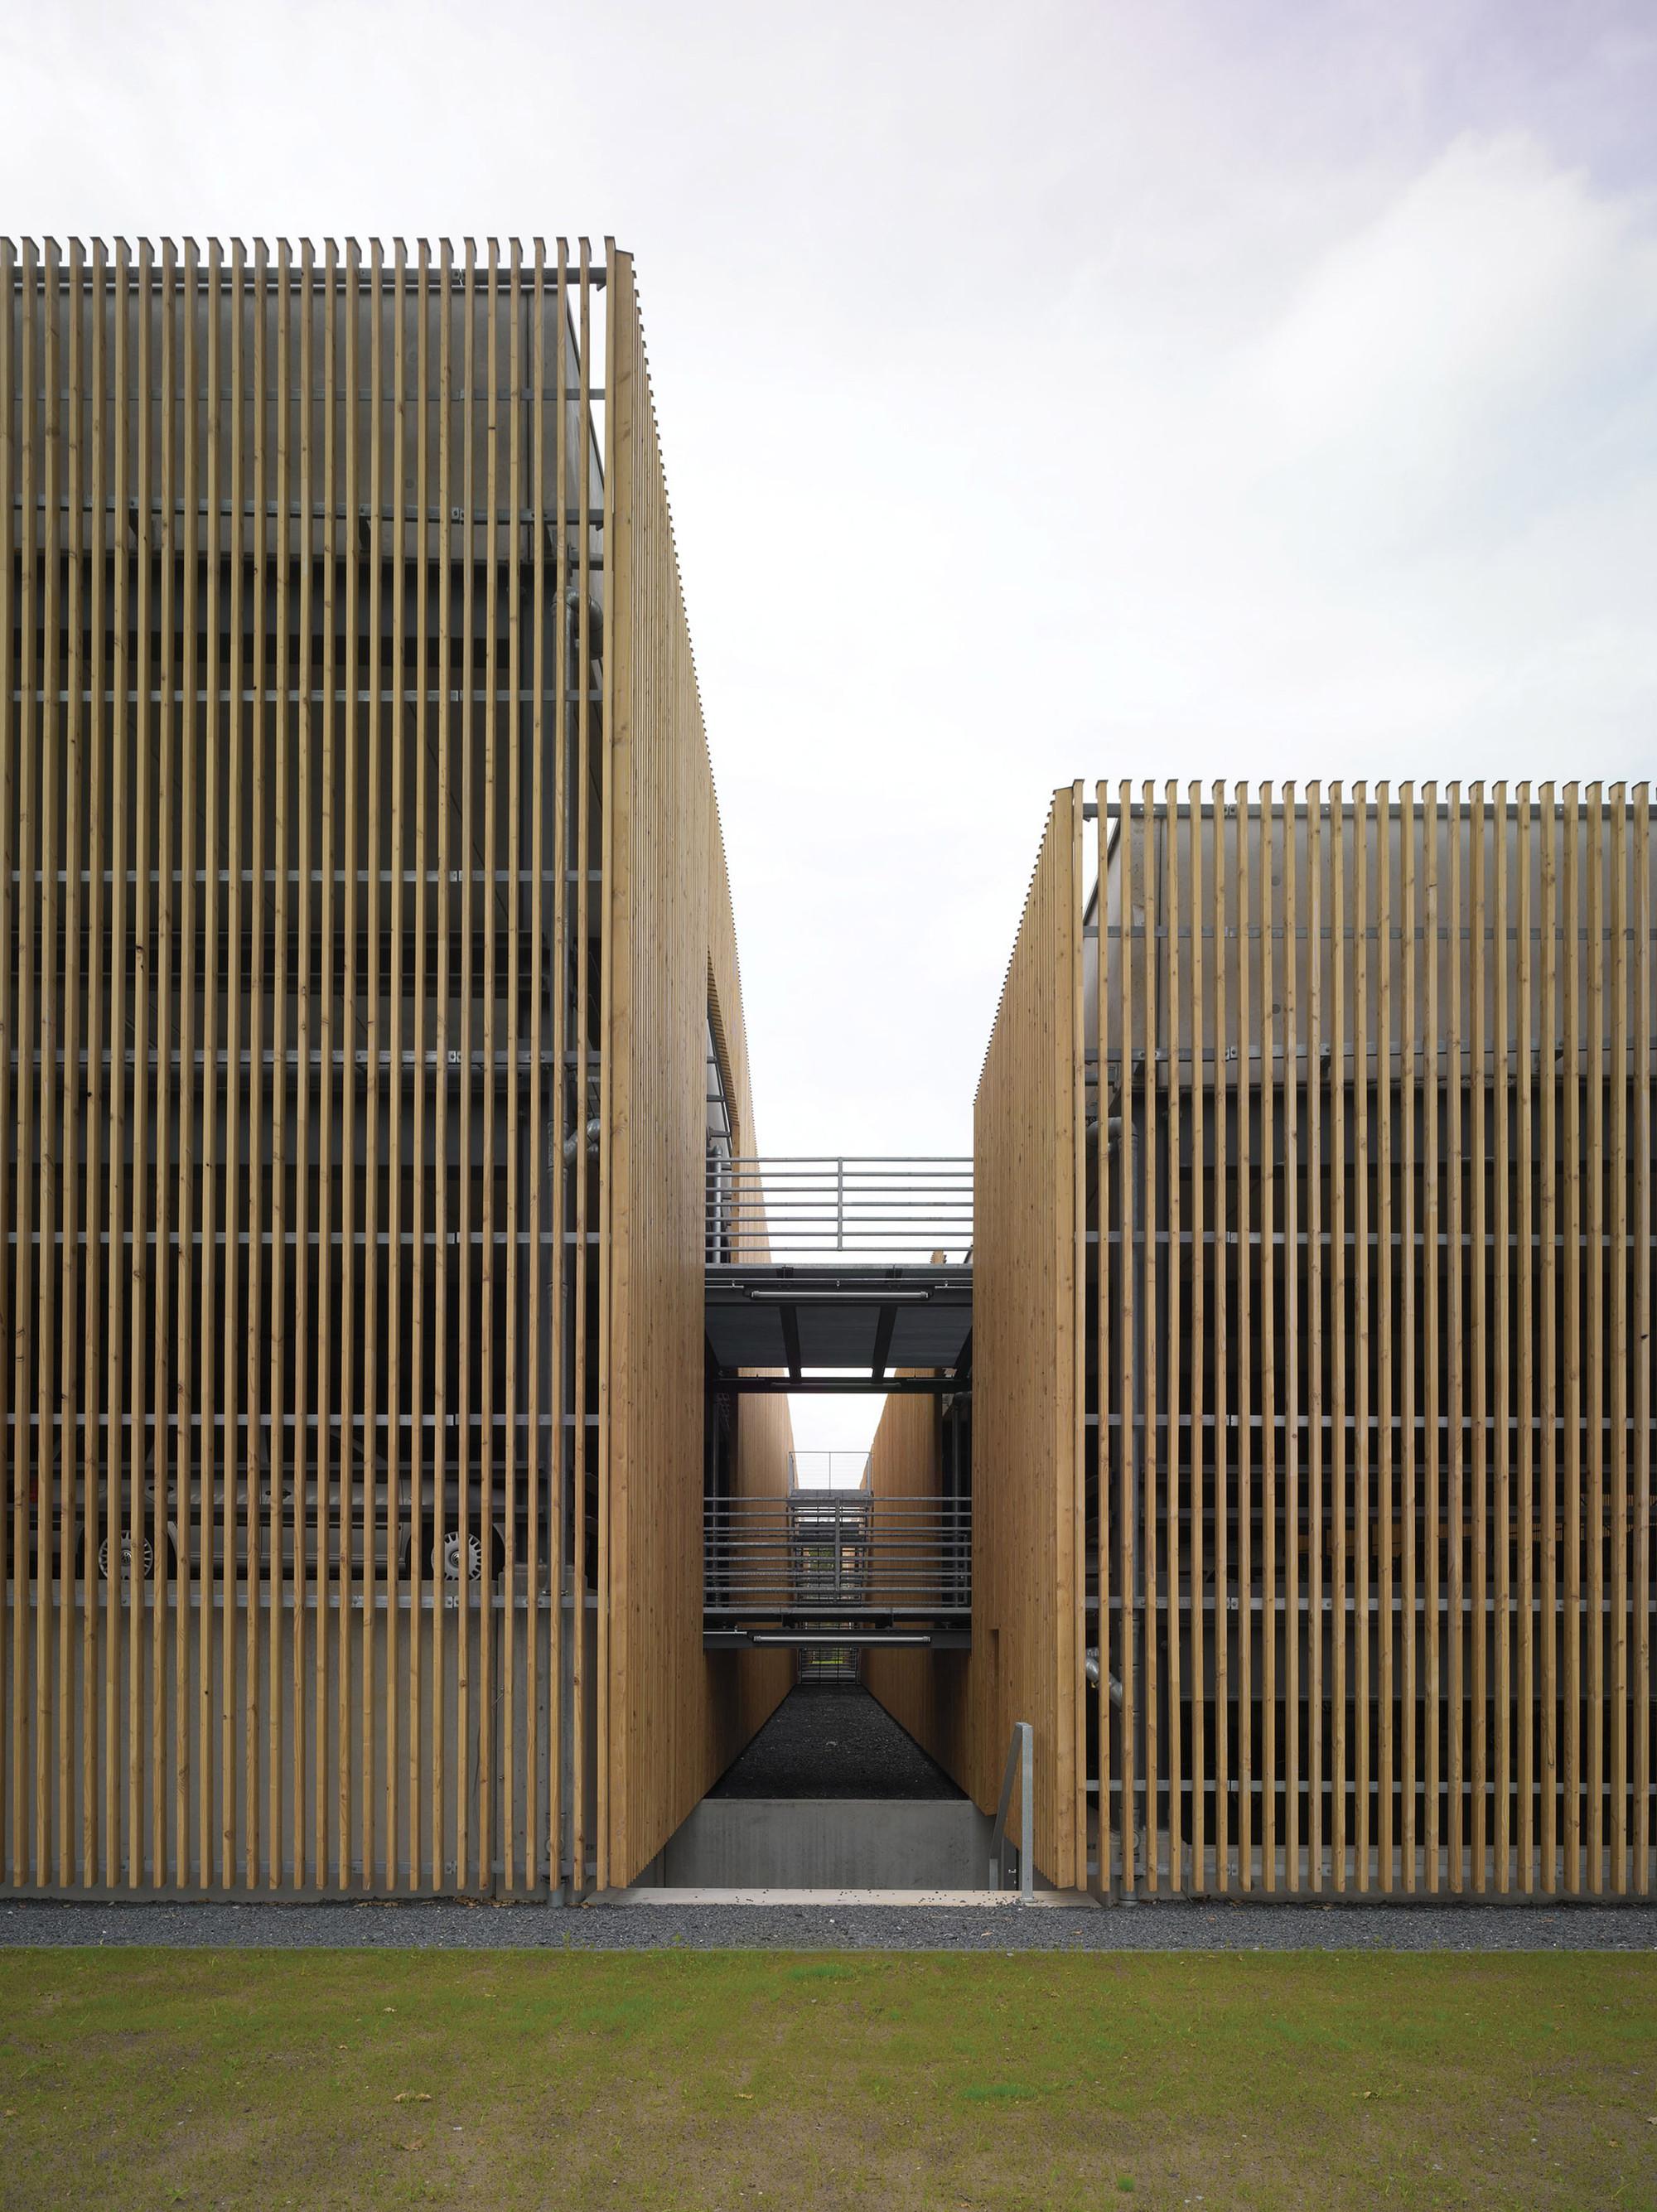 Frenzel Und Frenzel gallery of parking garage birk heilmeyer und frenzel architekten 10